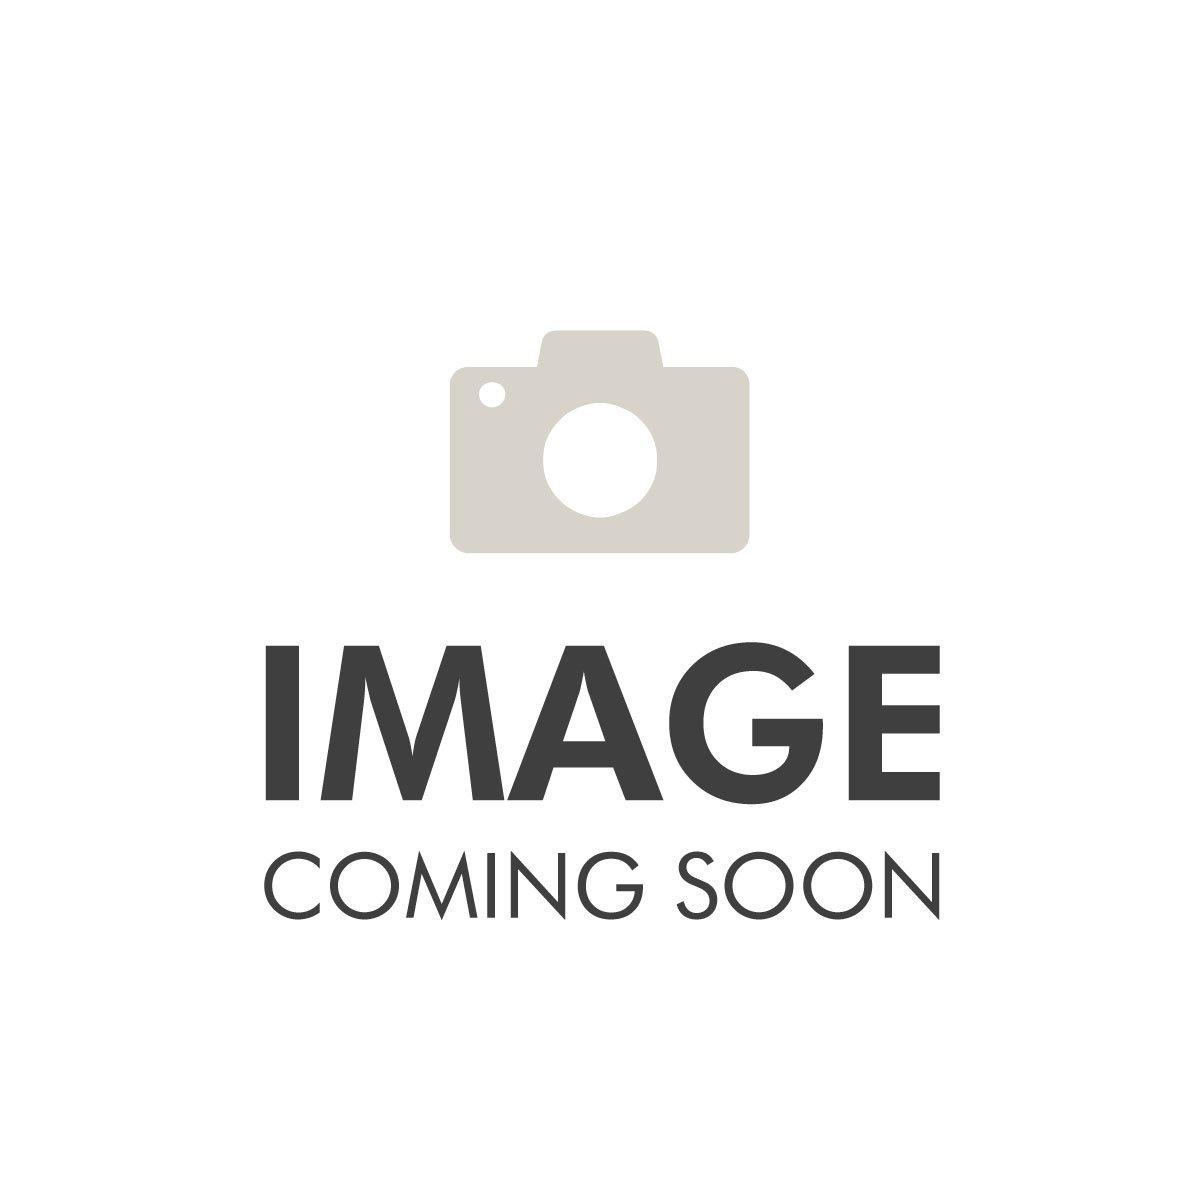 Tom Ford Costa Azzurra 50ml EDP Spray